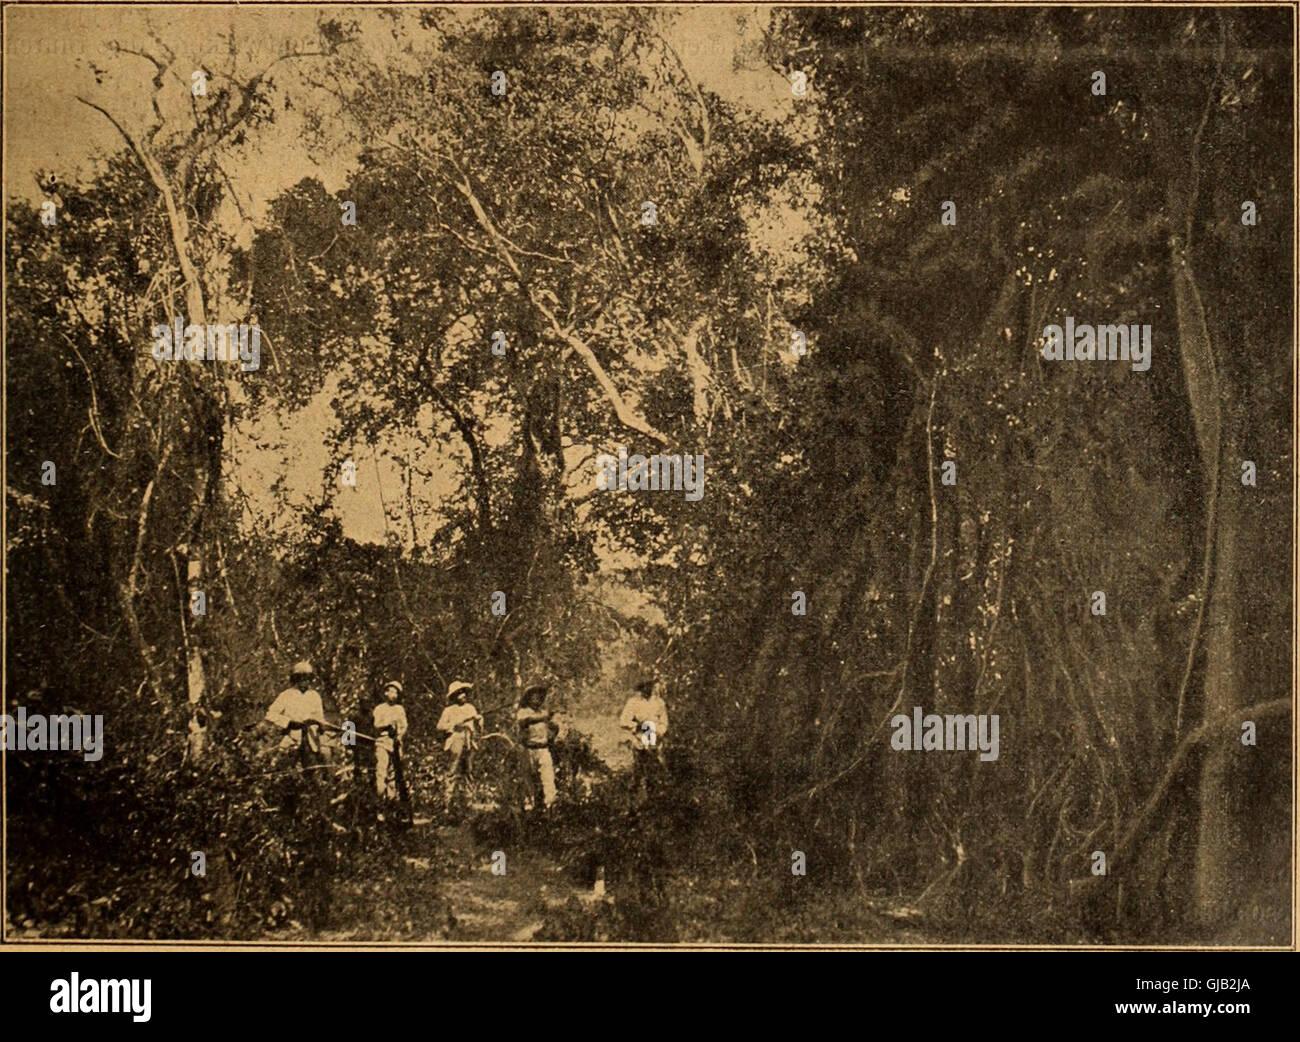 Blätter Für Aquarien Und Terrarien-Kunde (1902) Stockfoto